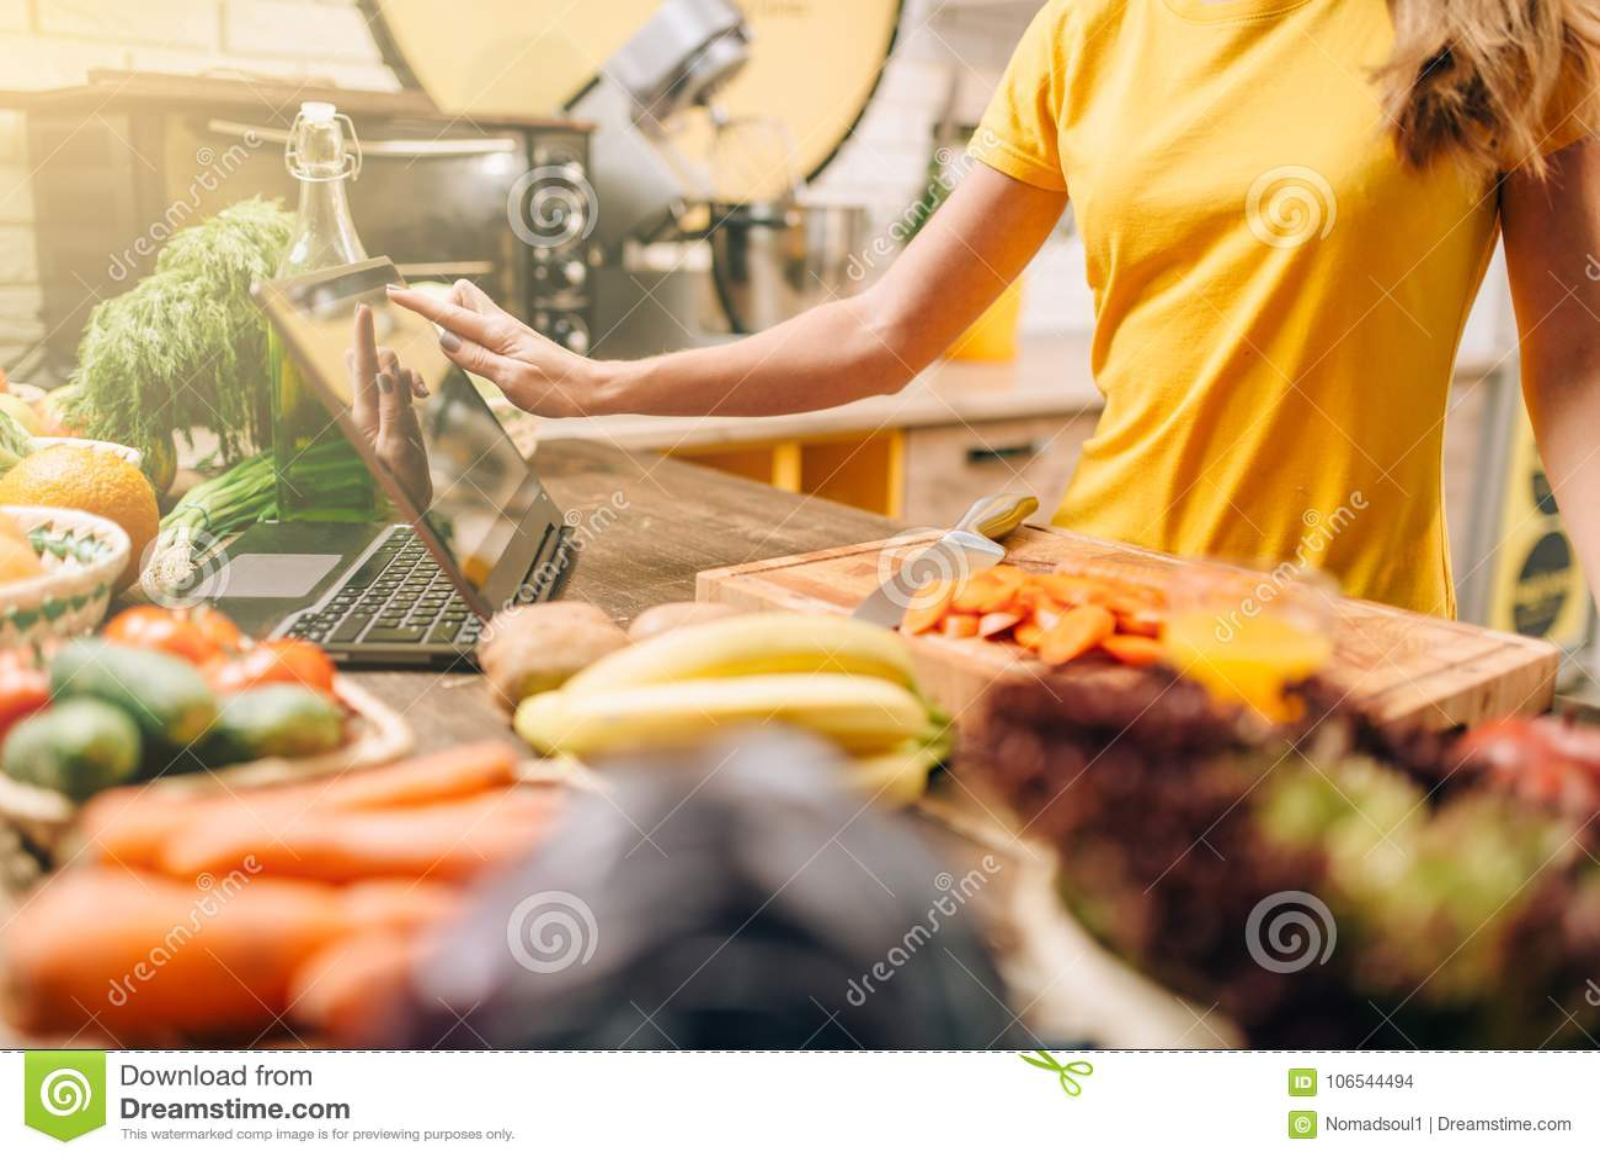 Pessoa fêmea que cozinha na cozinha, alimento saudável